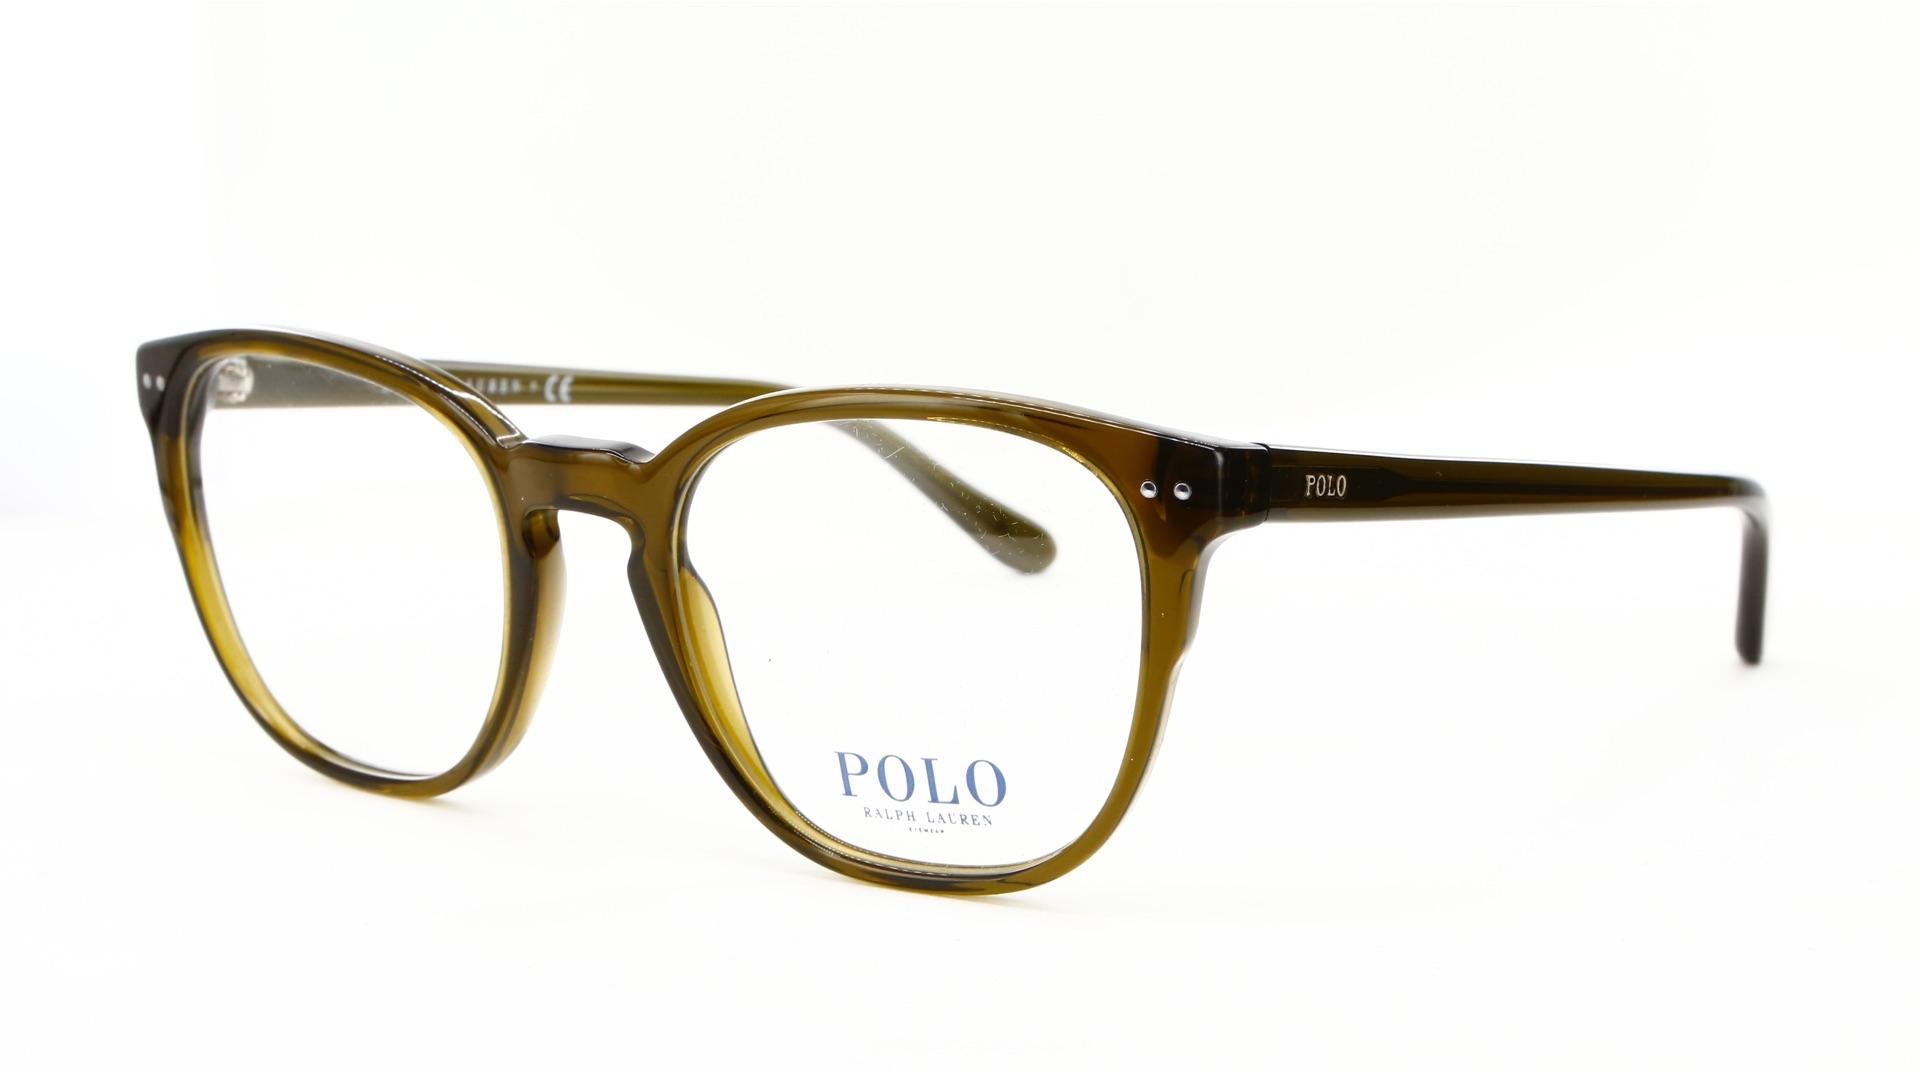 Polo Ralph Lauren - ref: 80765